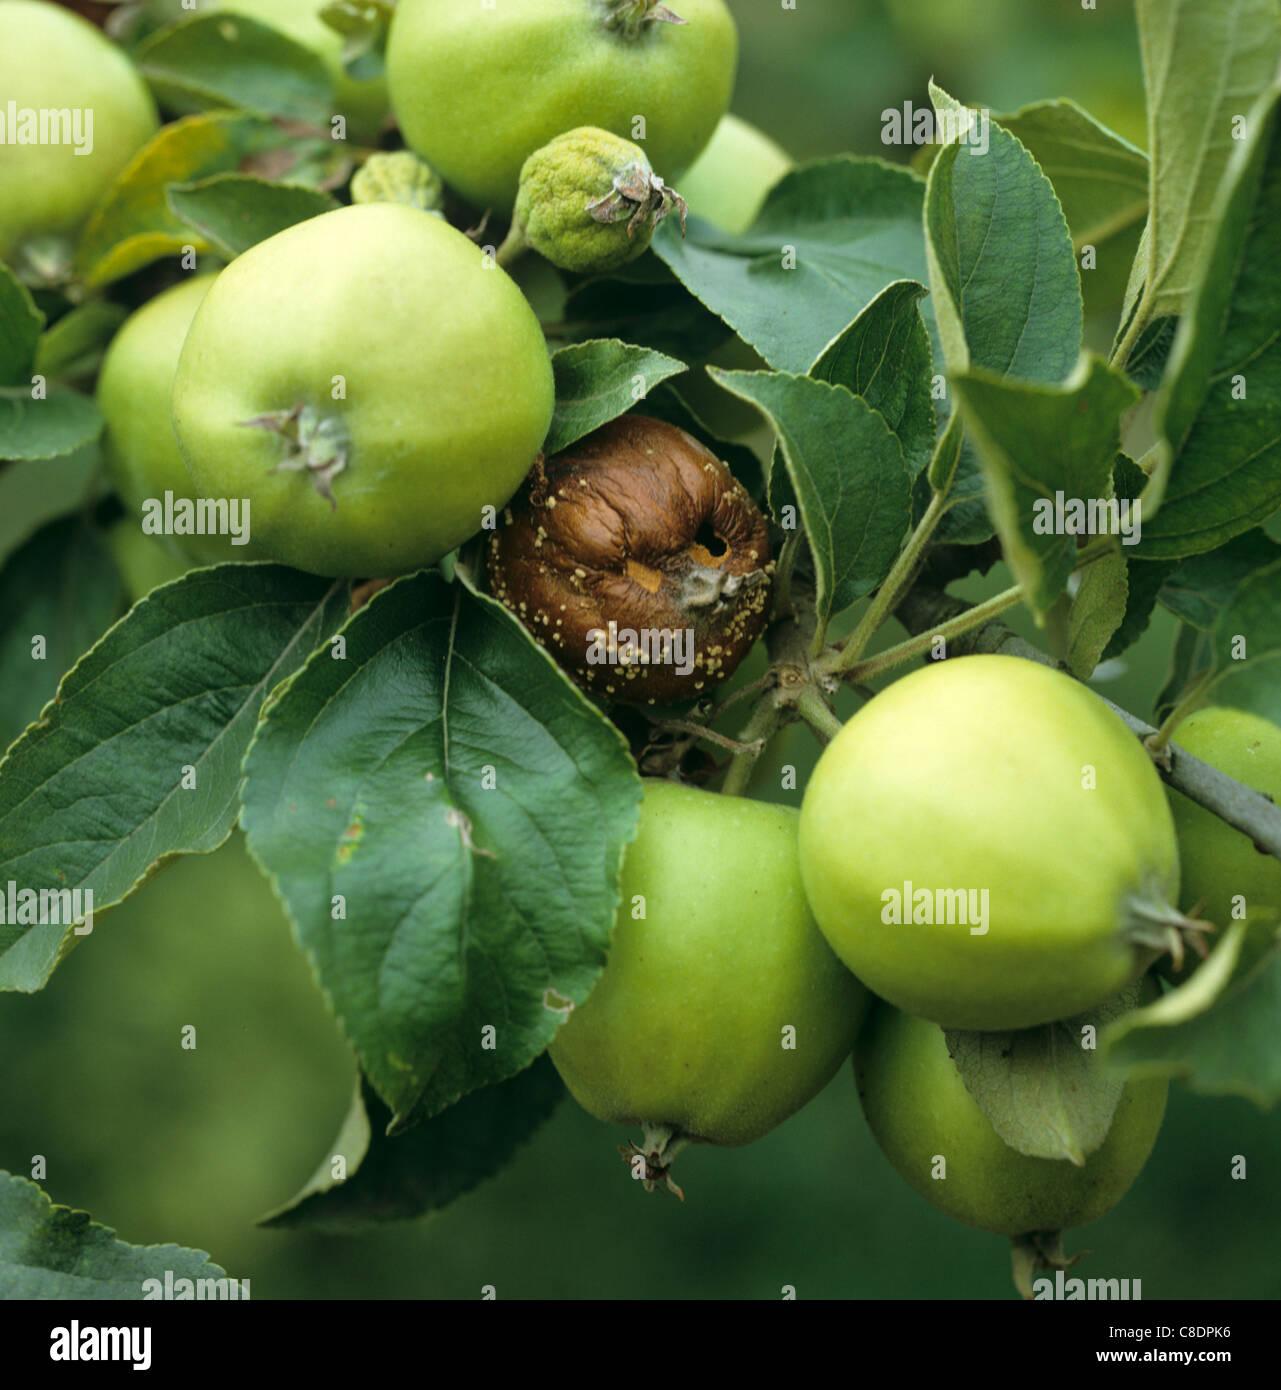 La podredumbre parda (Sclerotinia fructigena) enfermas de manzanas en el árbol. Imagen De Stock